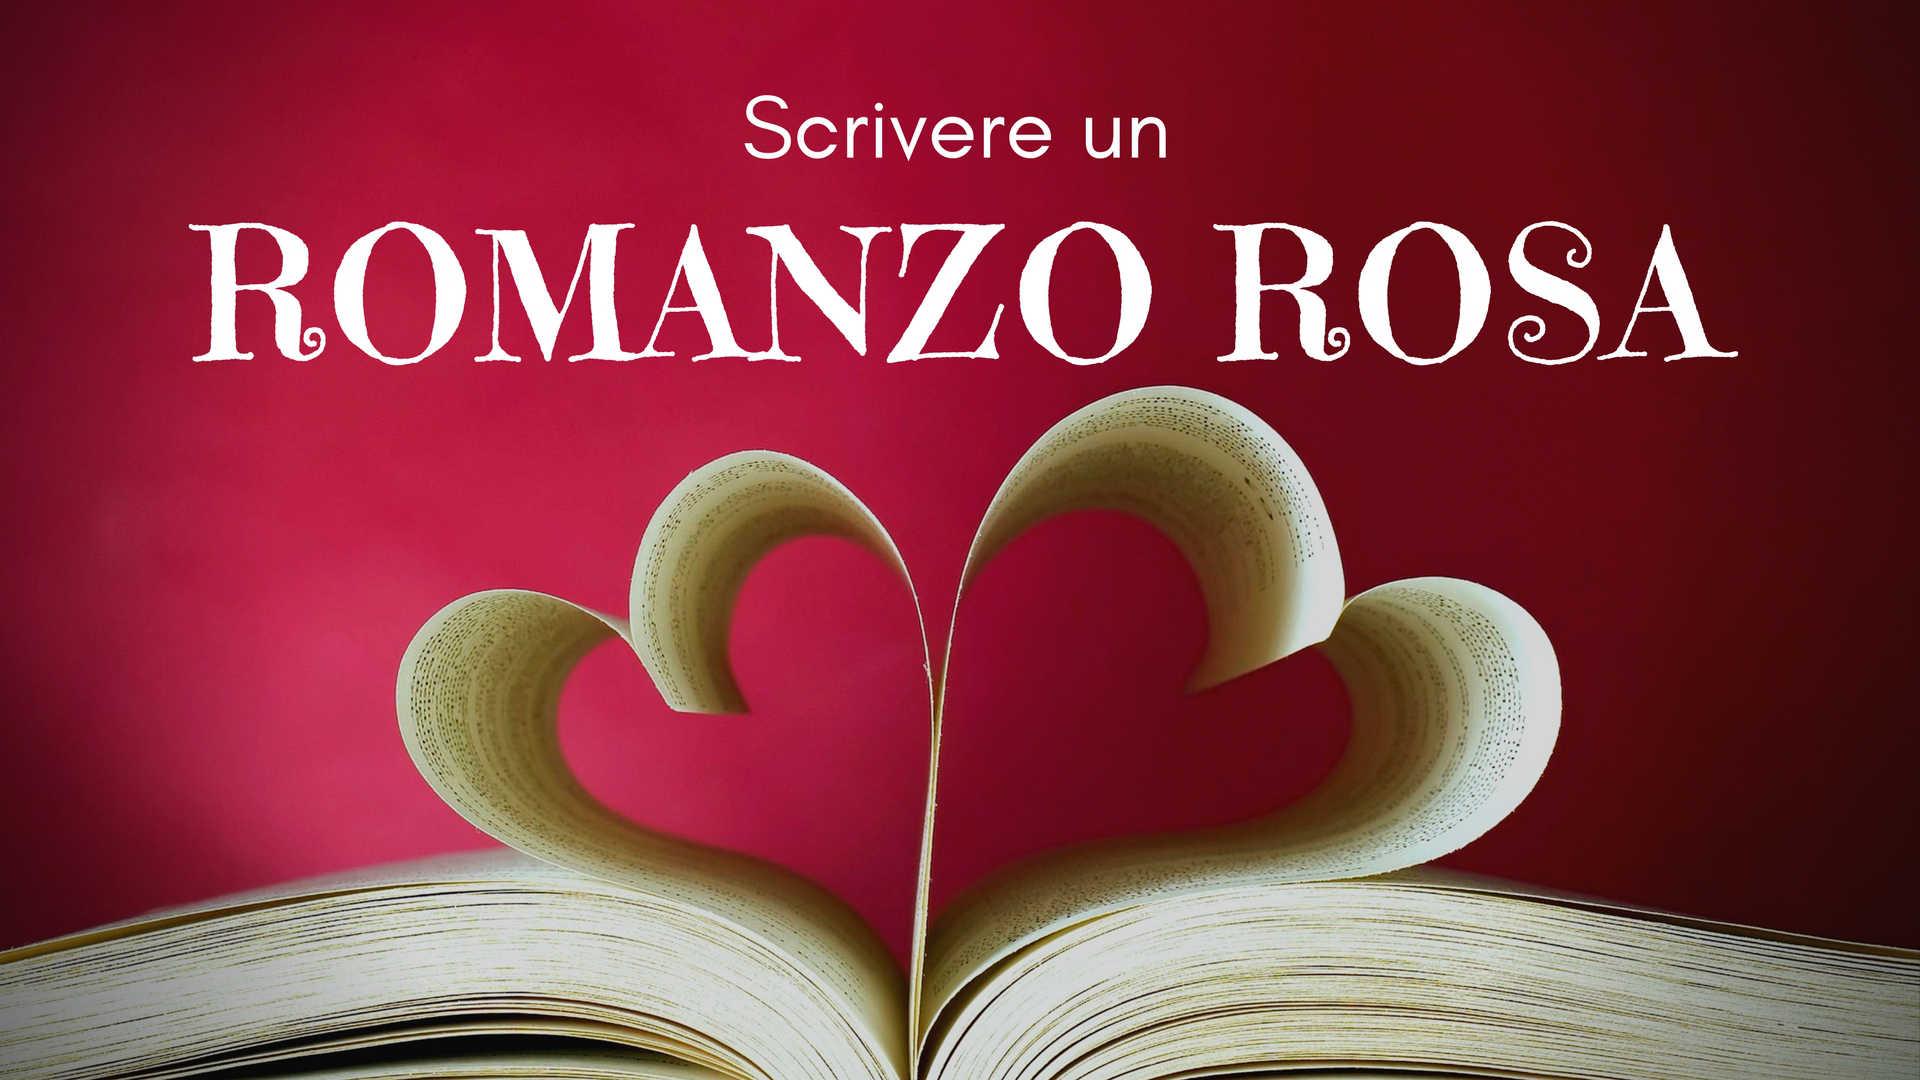 Come scrivere un romanzo rosa: la guida defintiva